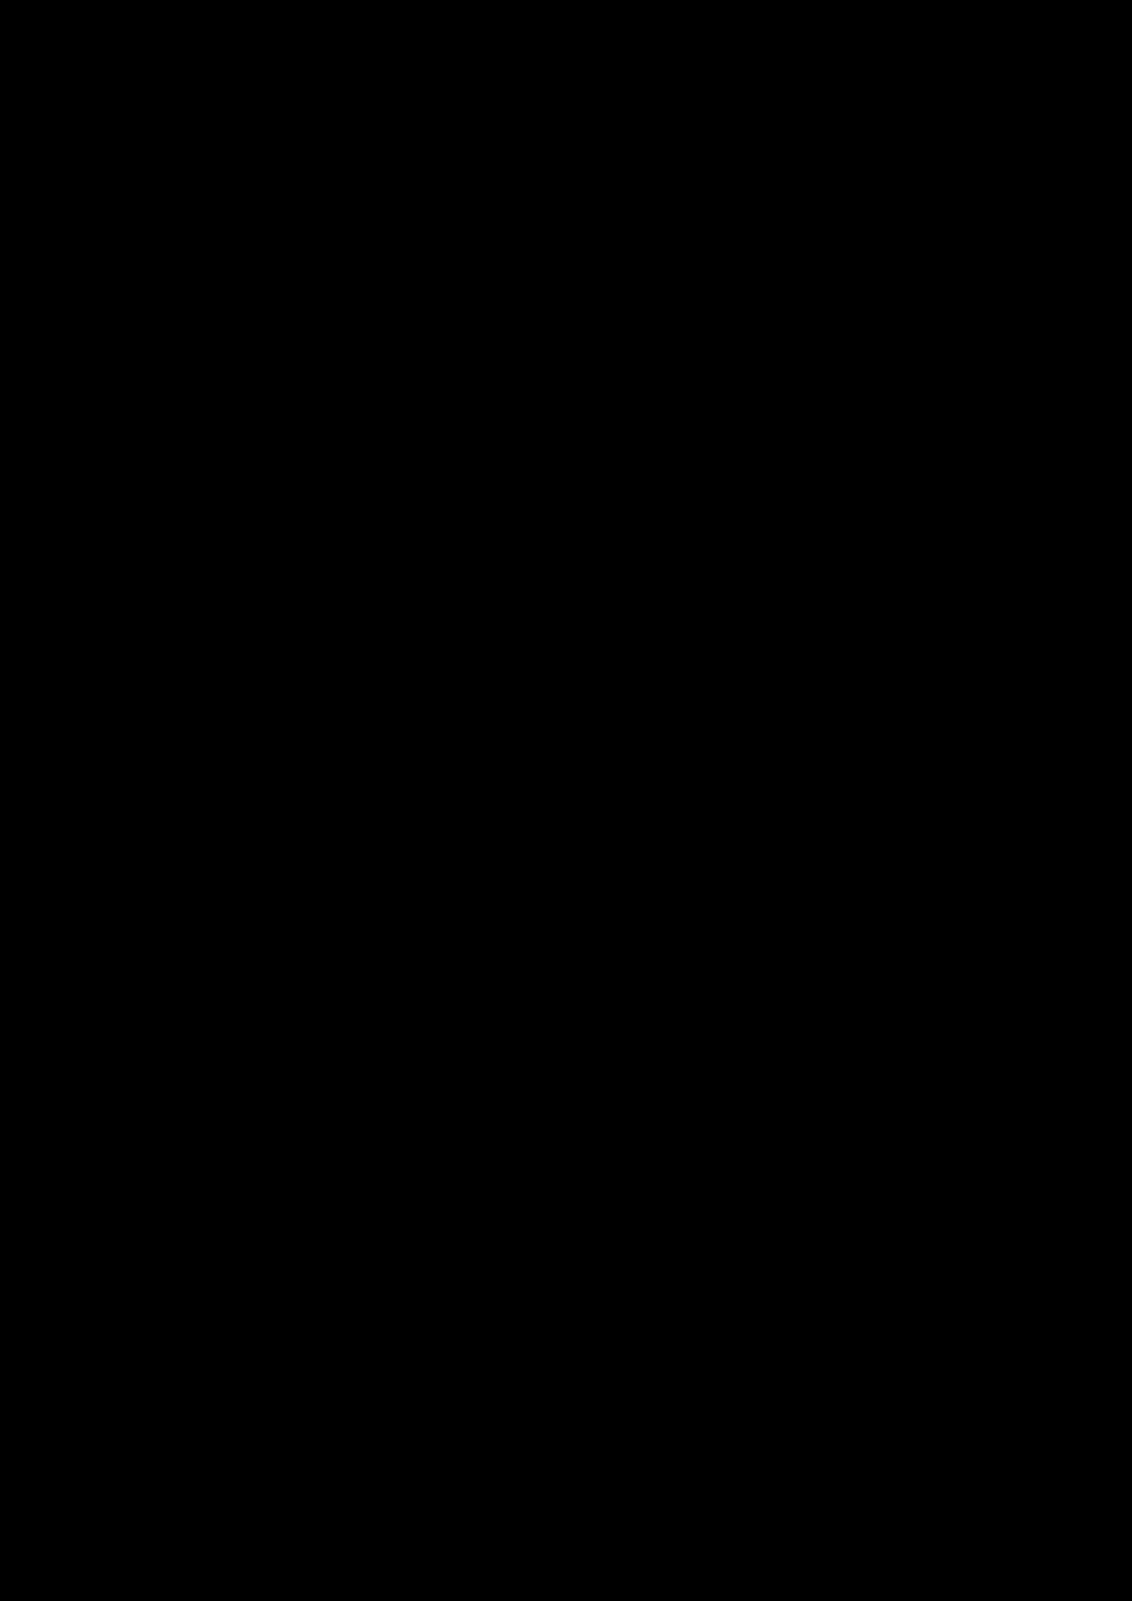 Serdtse slide, Image 4